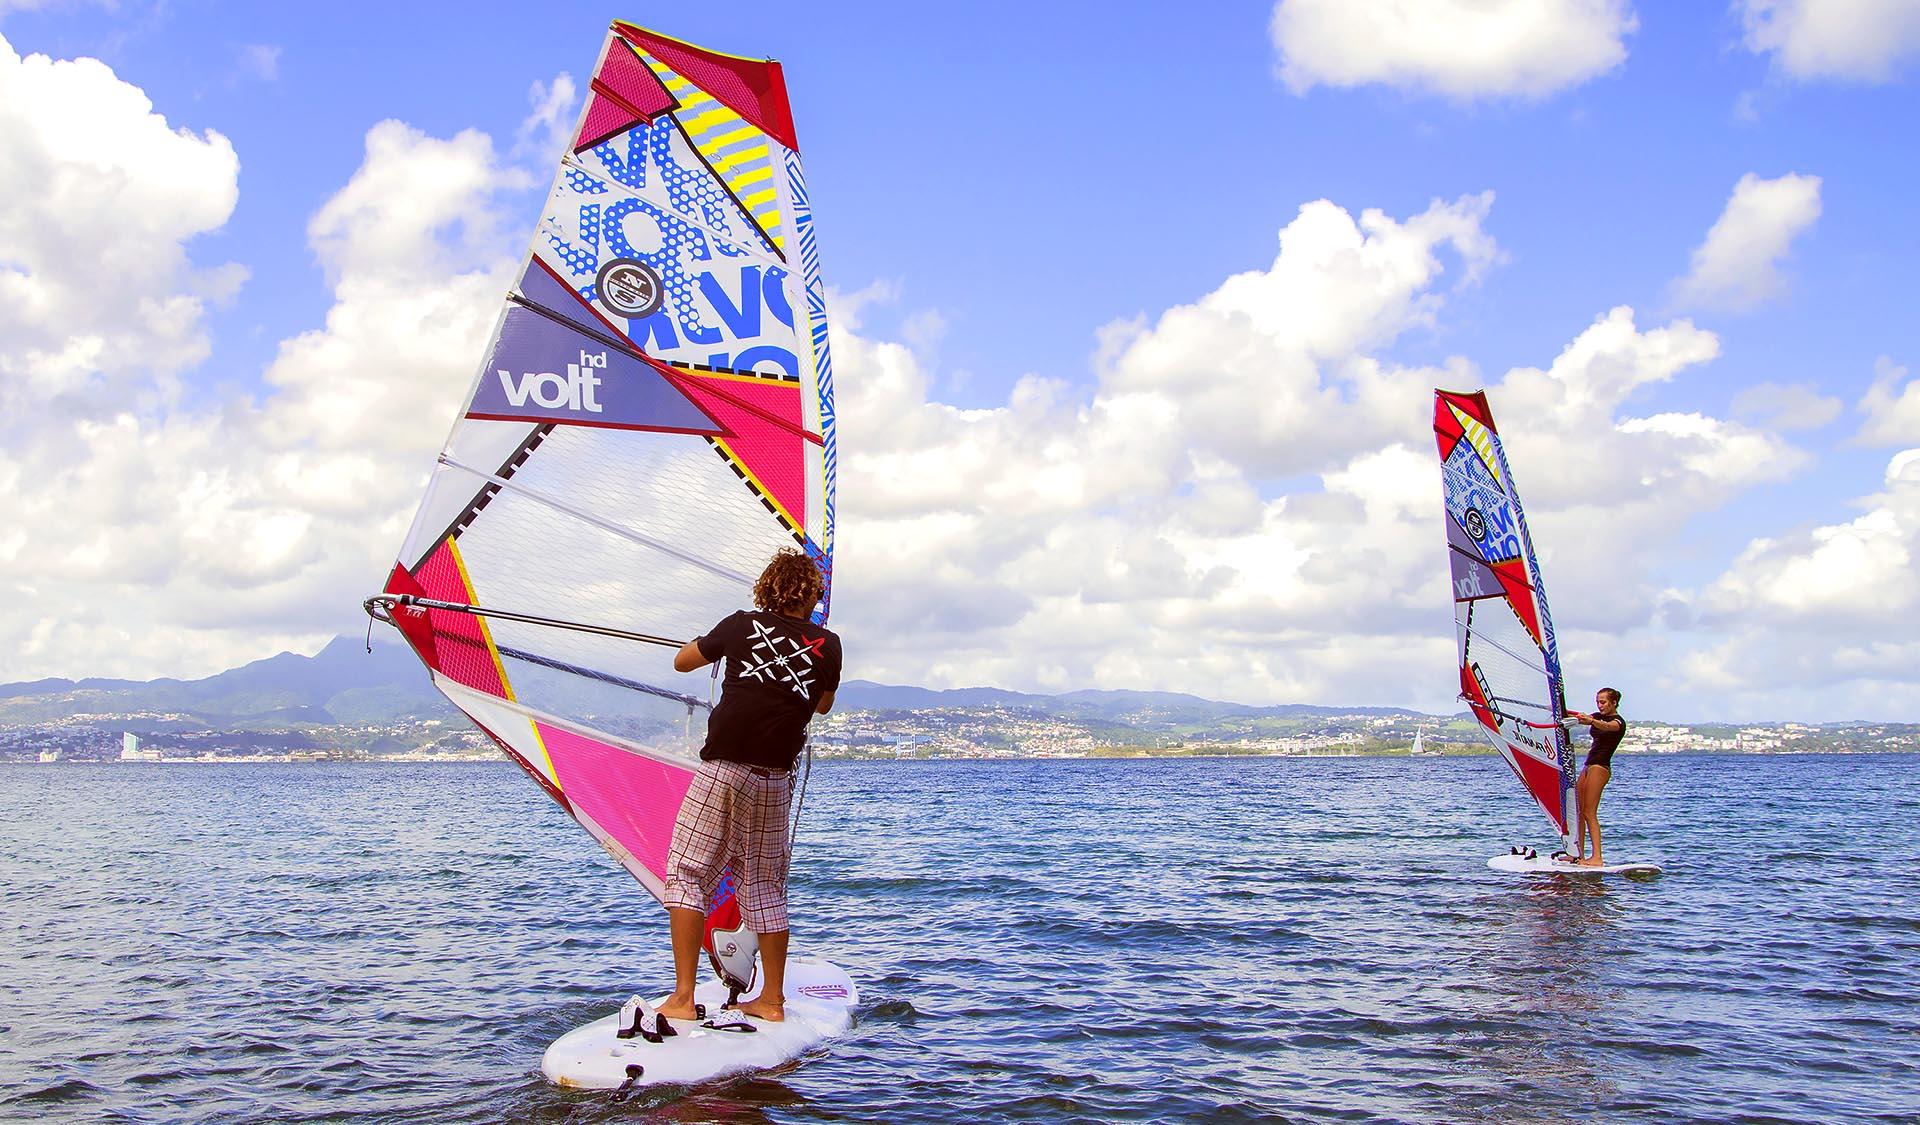 Apprendre le windsurf en Martinique